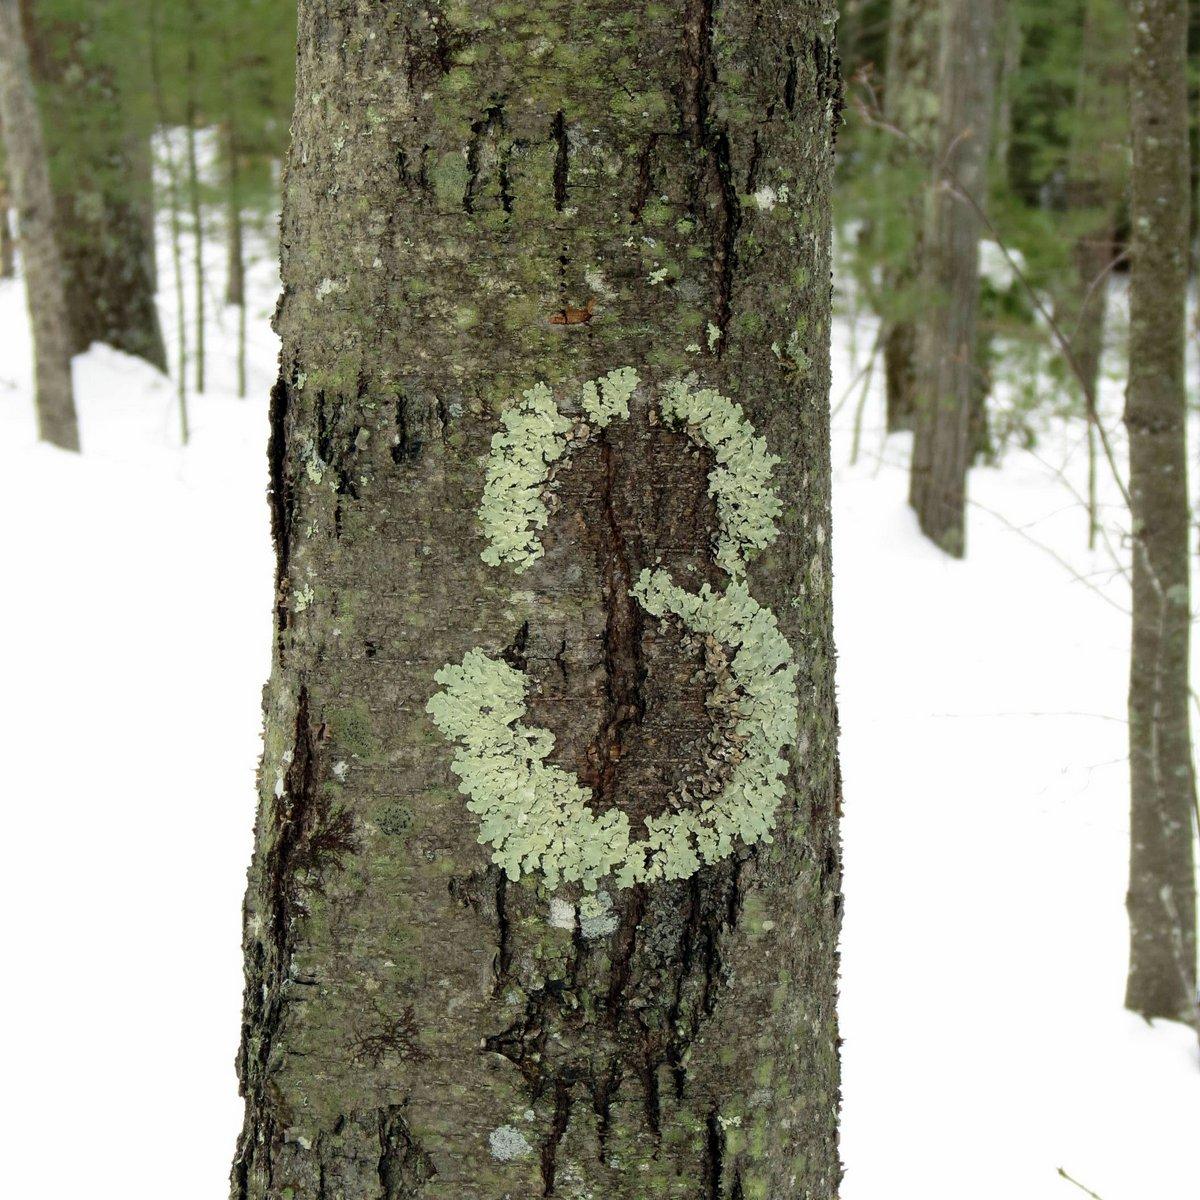 3. Lichen 3 on Tree